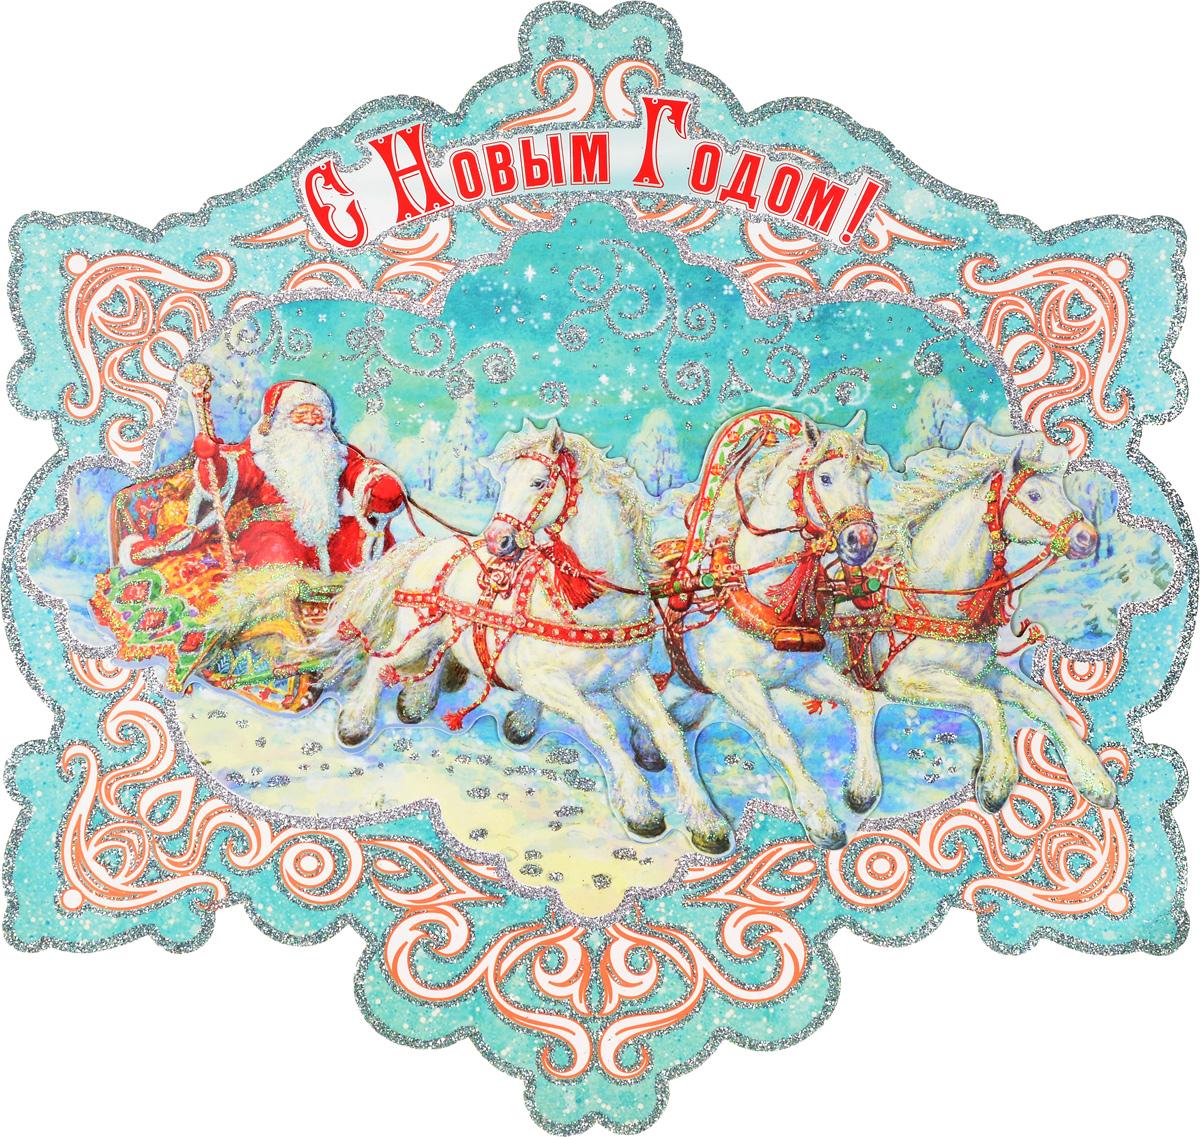 Украшение новогоднее оконное Magic Time Новогодняя тройка, двустороннее, 36 х 34 см75172Двухстороннее новогоднее украшение Magic TimeНовогодняя тройка, выполнено из картона в виде панно идекорировано блестками. Изделие предназначено дляпраздничного оформления стен, окон и дверей. С помощьютакого украшения можно составлять на мебели целые зимниесюжеты, которые будут радовать глаз и поднимать настроение впраздничные дни! Также вы можете преподнести этот сувенирв качестве мини-презента коллегам, близким и друзьям спожеланиями счастливого Нового Года! В комплект входят клеевые подушечки. Плотность картона: 300 г/м2.